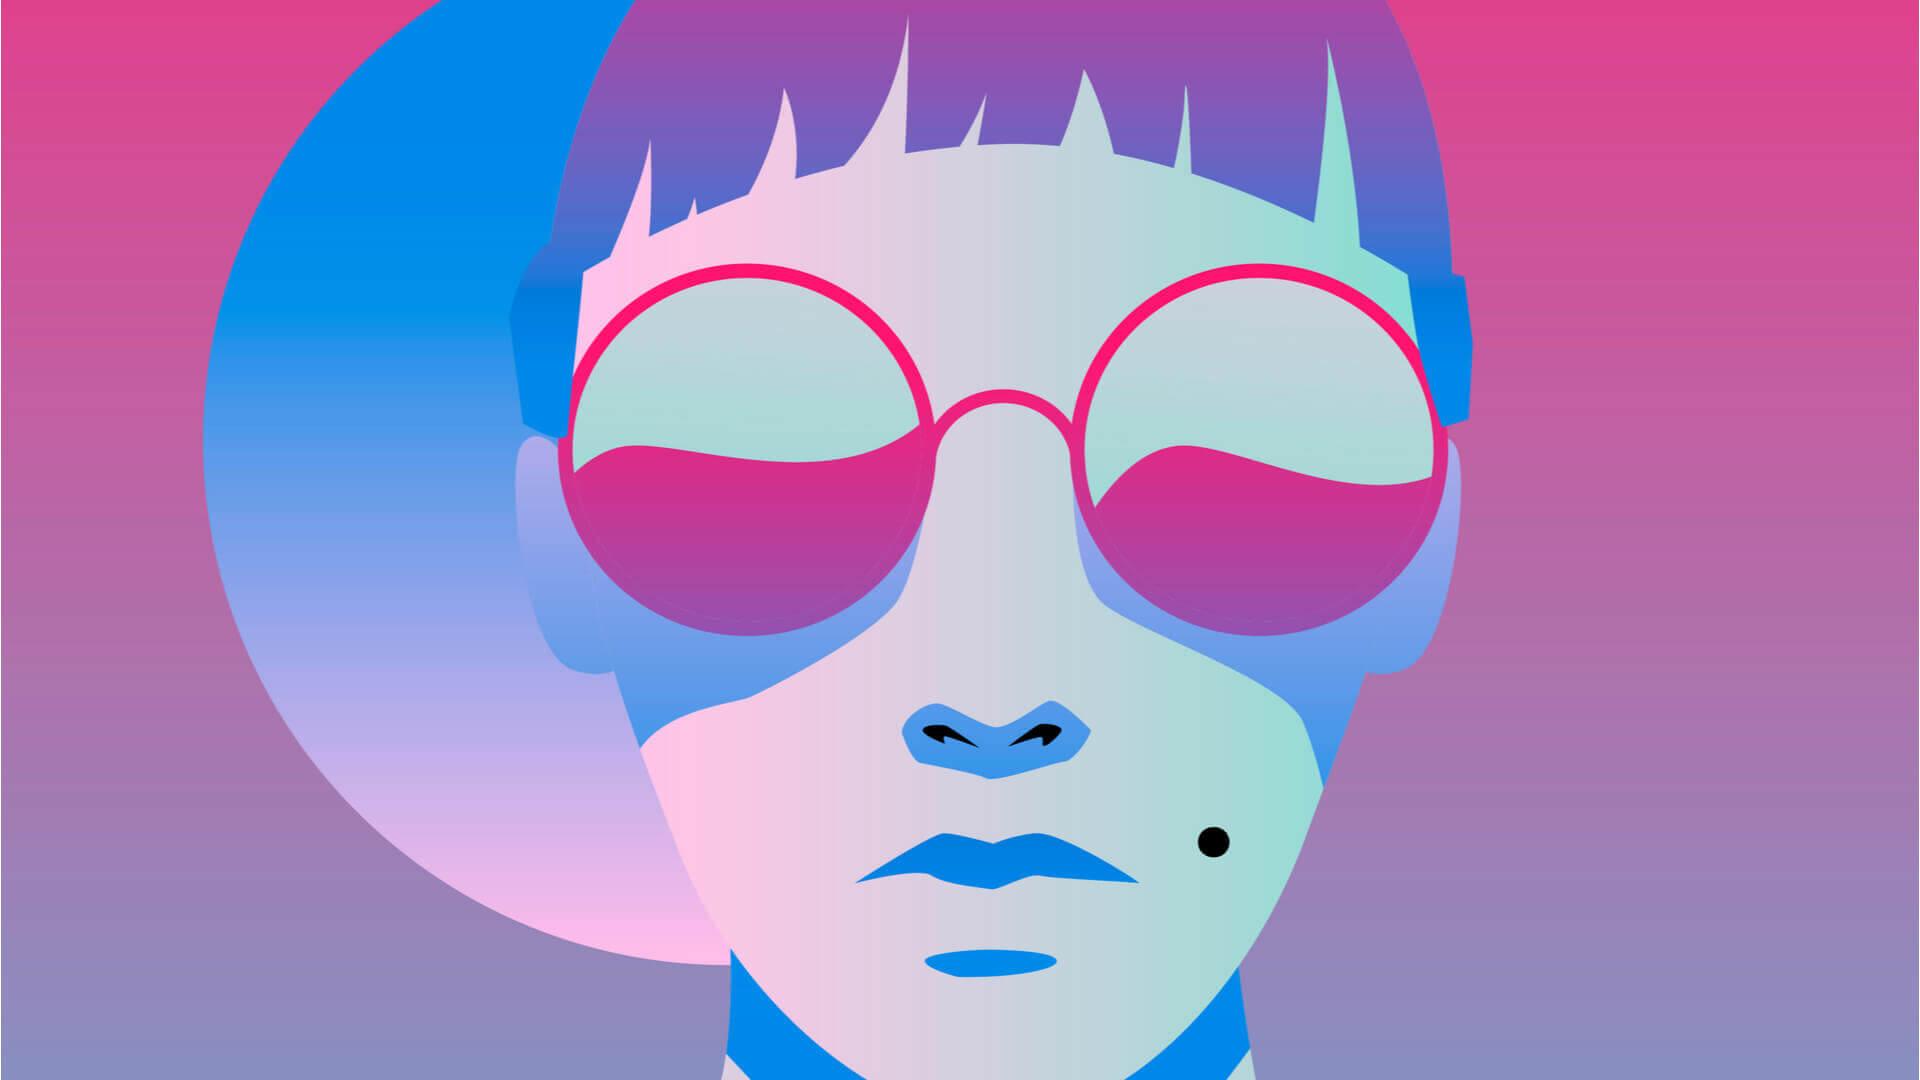 girl glasses pink blue shutterstock 1033475731